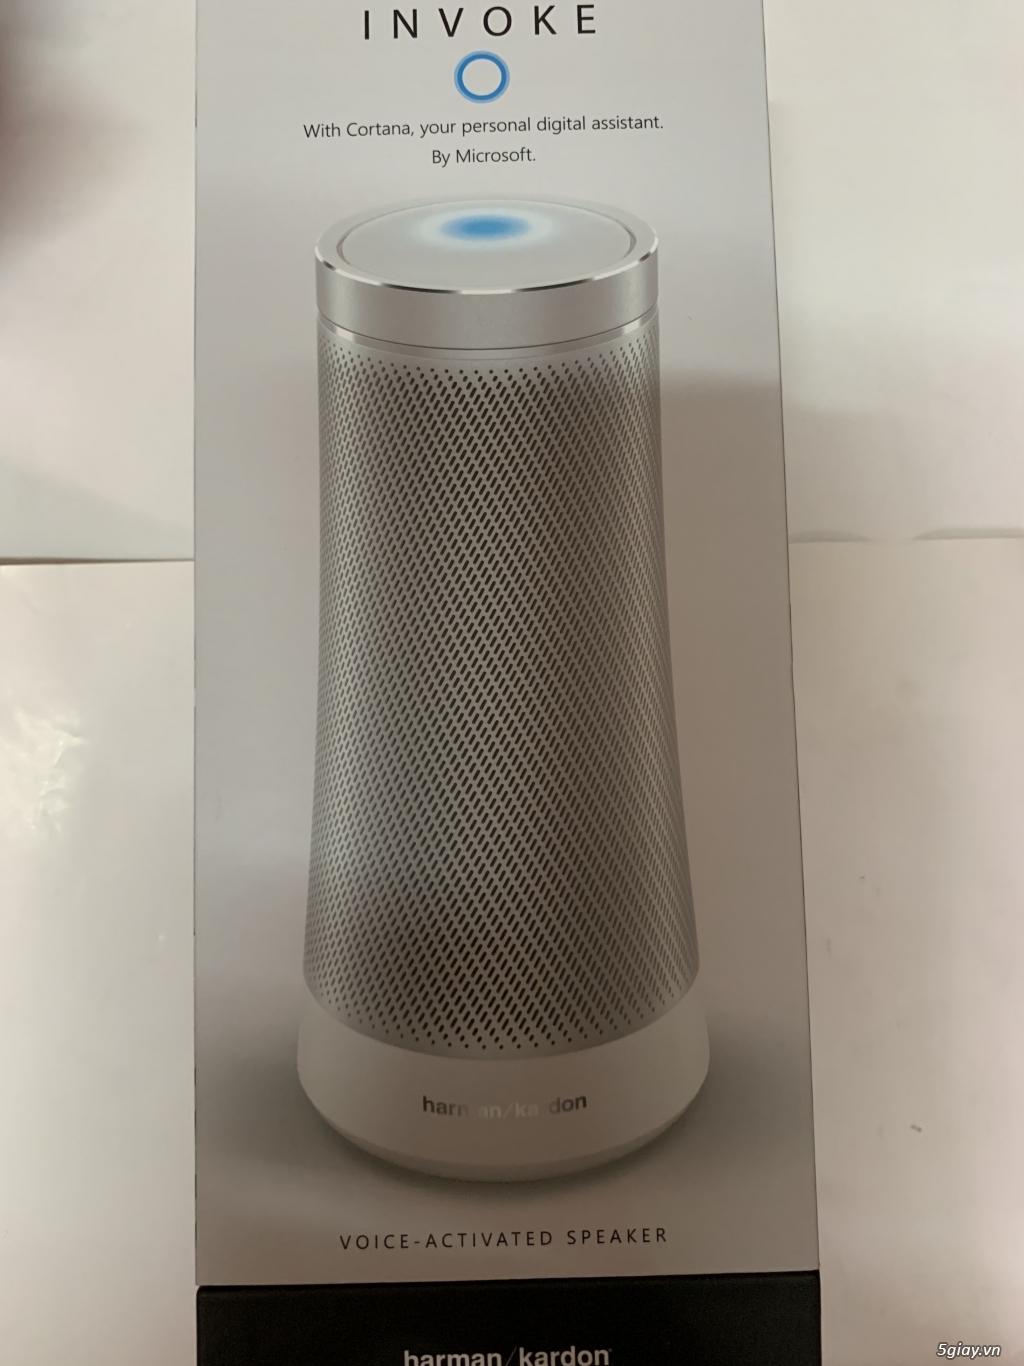 Loa thông minh Harman kardon invoke Cortana xách tay USA mới 100% chưa khui hộp, end 23h00-12/06/201